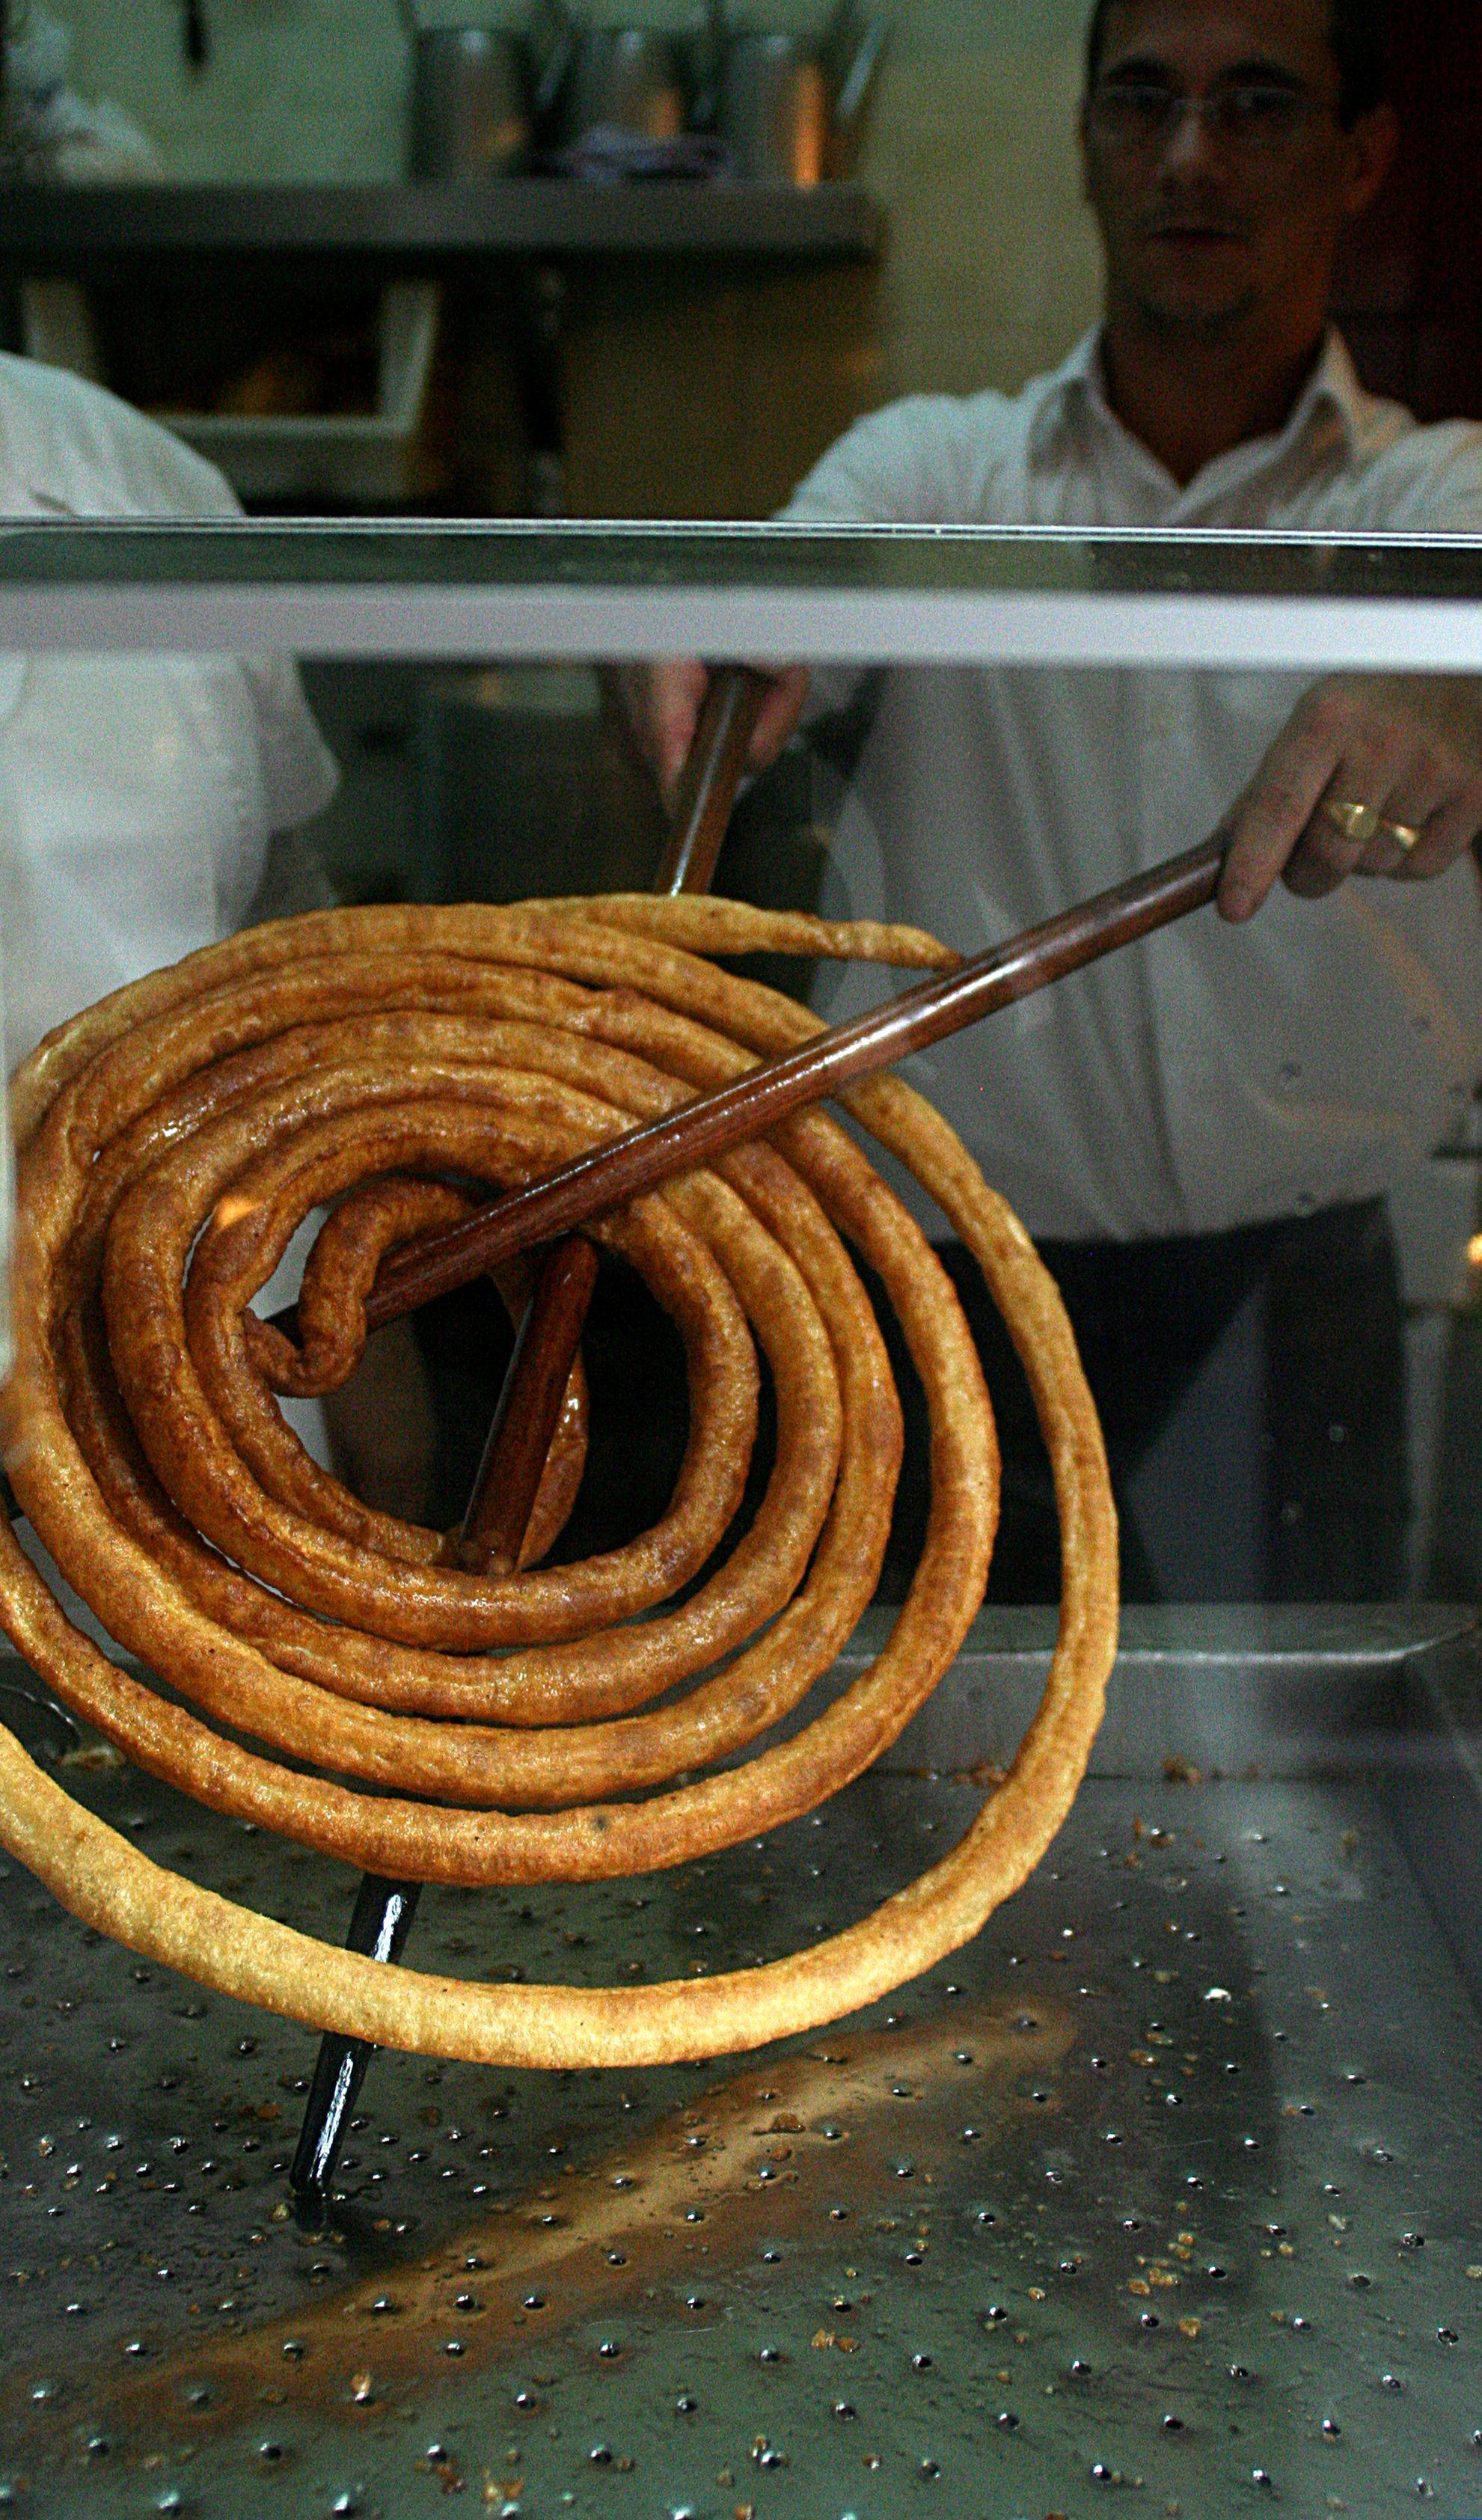 """En Sevilla se conocen como calentitos o masa frita, en Jaén, tallos y en Granada, Cádiz y Málaga, tejeringos... los churros son populares en la gastronomía andaluza / In Seville they are known as """"calentitos"""" or """"masa frita"""", in Jaén, as """"tallos"""", and in Granada, Cadiz and Malaga, as """"tejeringos""""... The churros are popular in andalusian cuisine"""